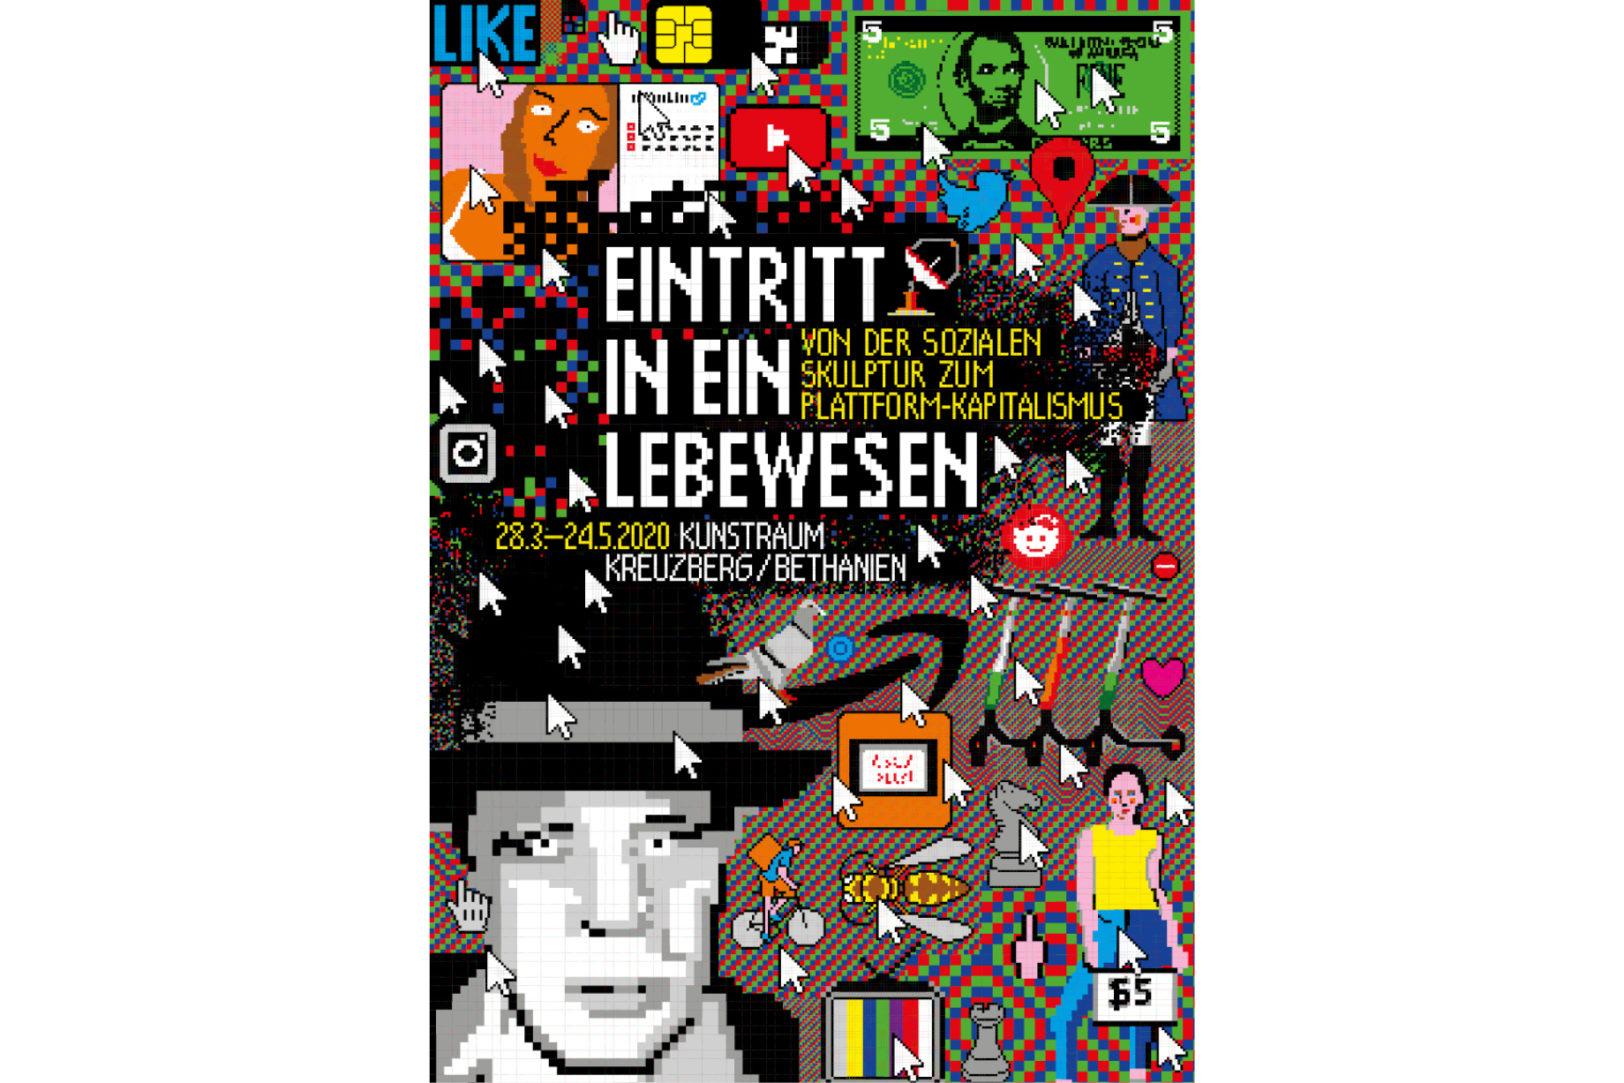 http://e-o-t.de/wordpress/wp-content/uploads/2020/03/Lebewesen-Poster-eot-1.jpg